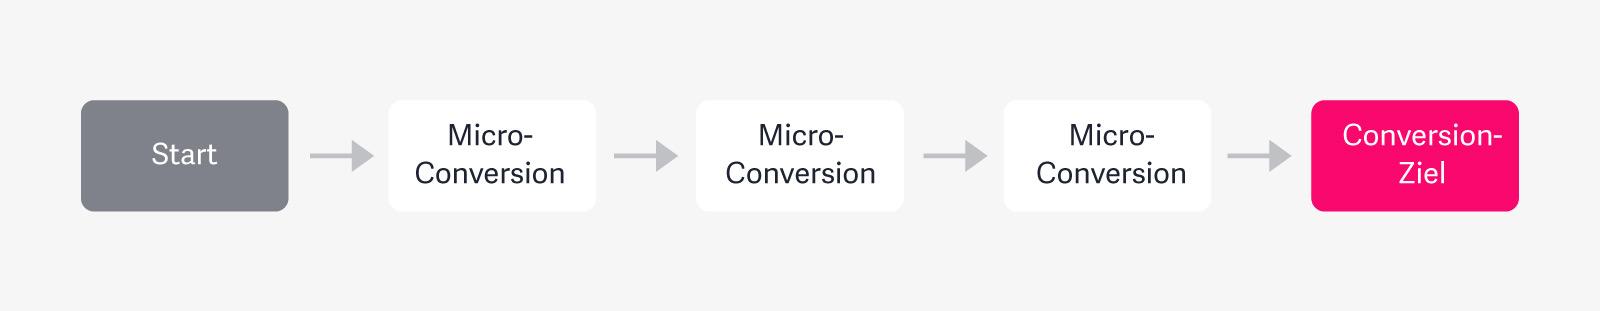 Viele kleine Micro-Conversion führen zum (großen) Ziel.